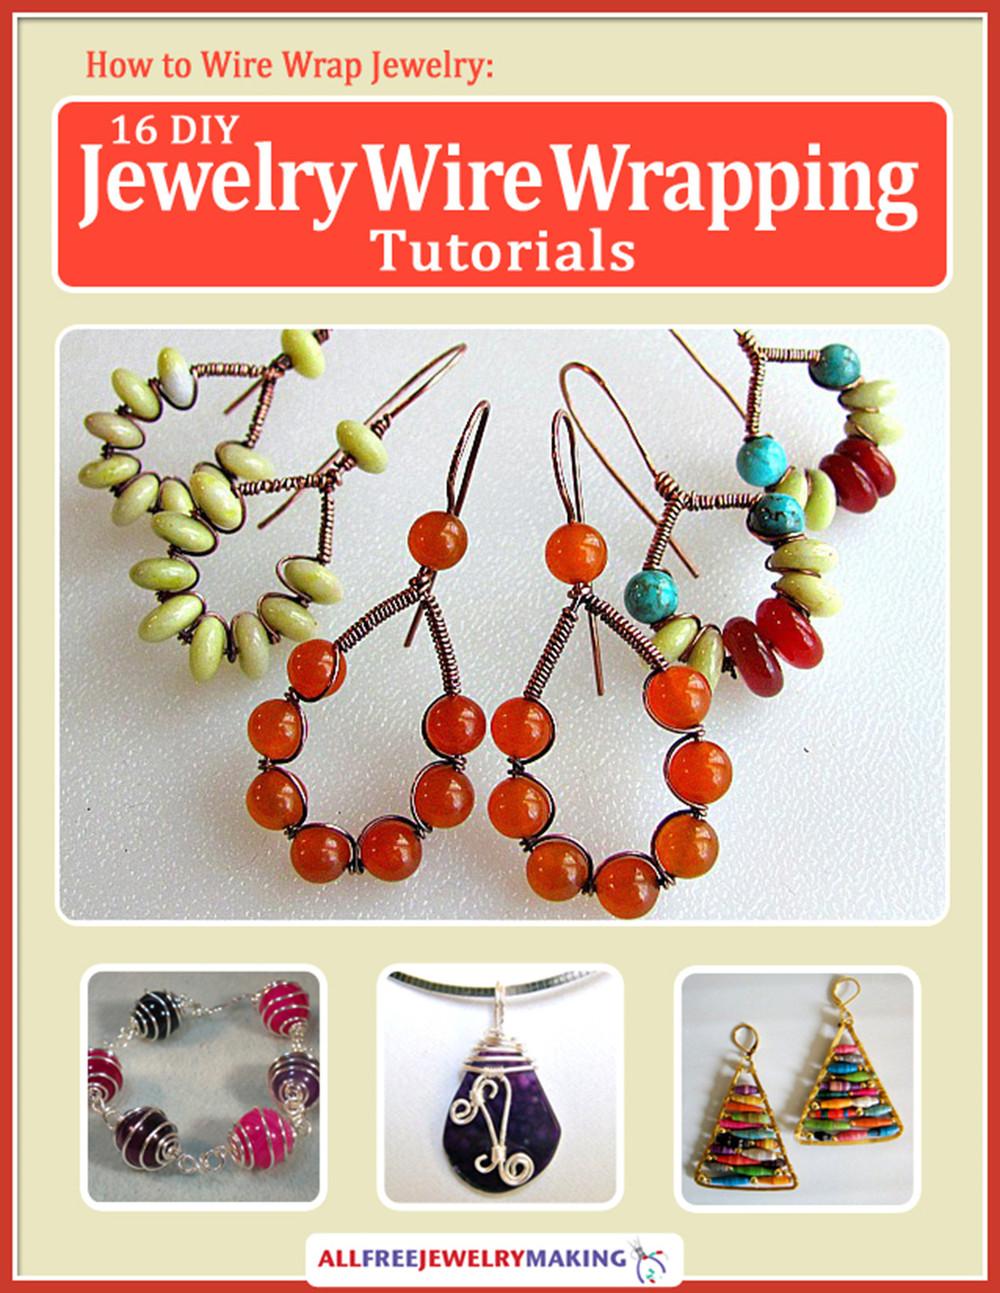 How To Wire Wrap Jewelry 16 Diy Jewelry Wire Wrapping Tutorials